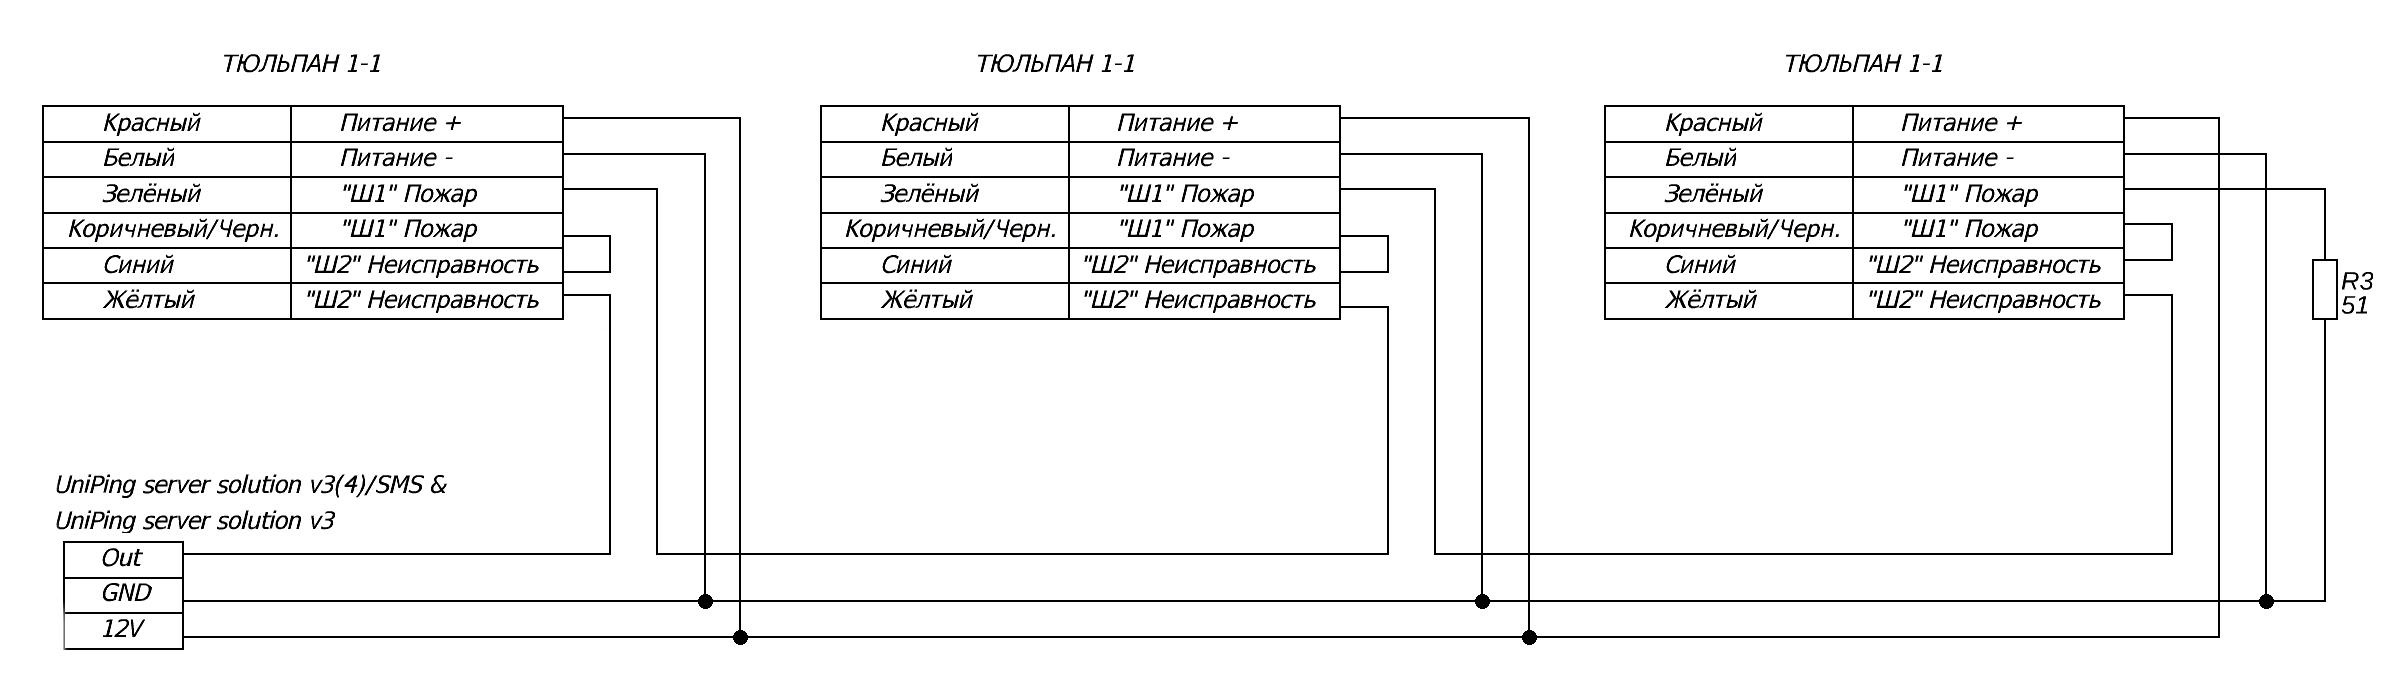 Подключение извещателя пламени Тюльпан 1-1 (ИП 330-1-1 ) к устройствам NetPing серии UniPing Server Solution